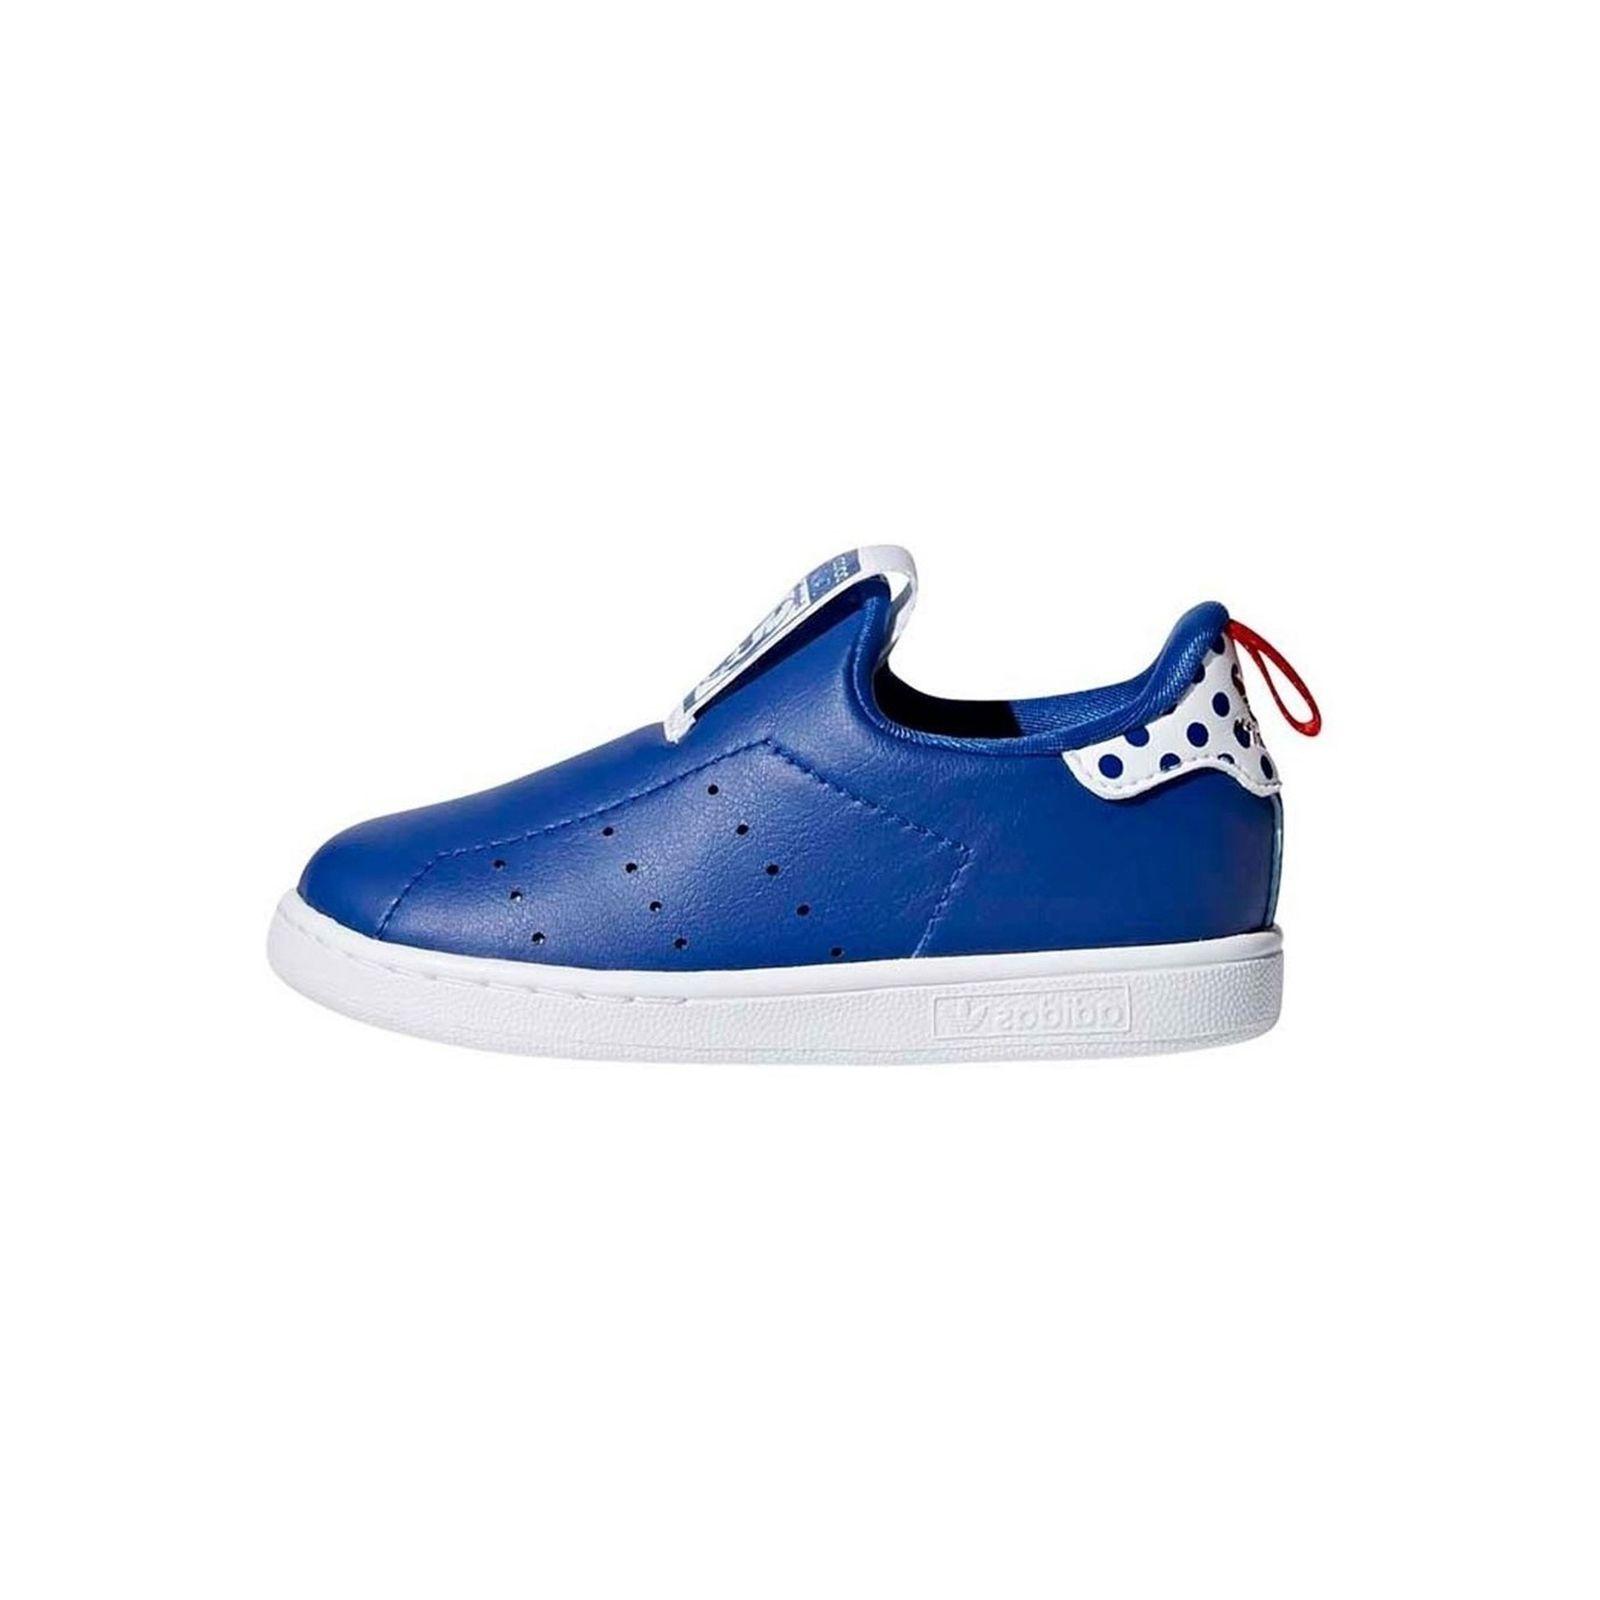 کفش ورزشی نوزادی آدیداس سری Stan Smith 360 مدل CQ2716 - آبی - 1